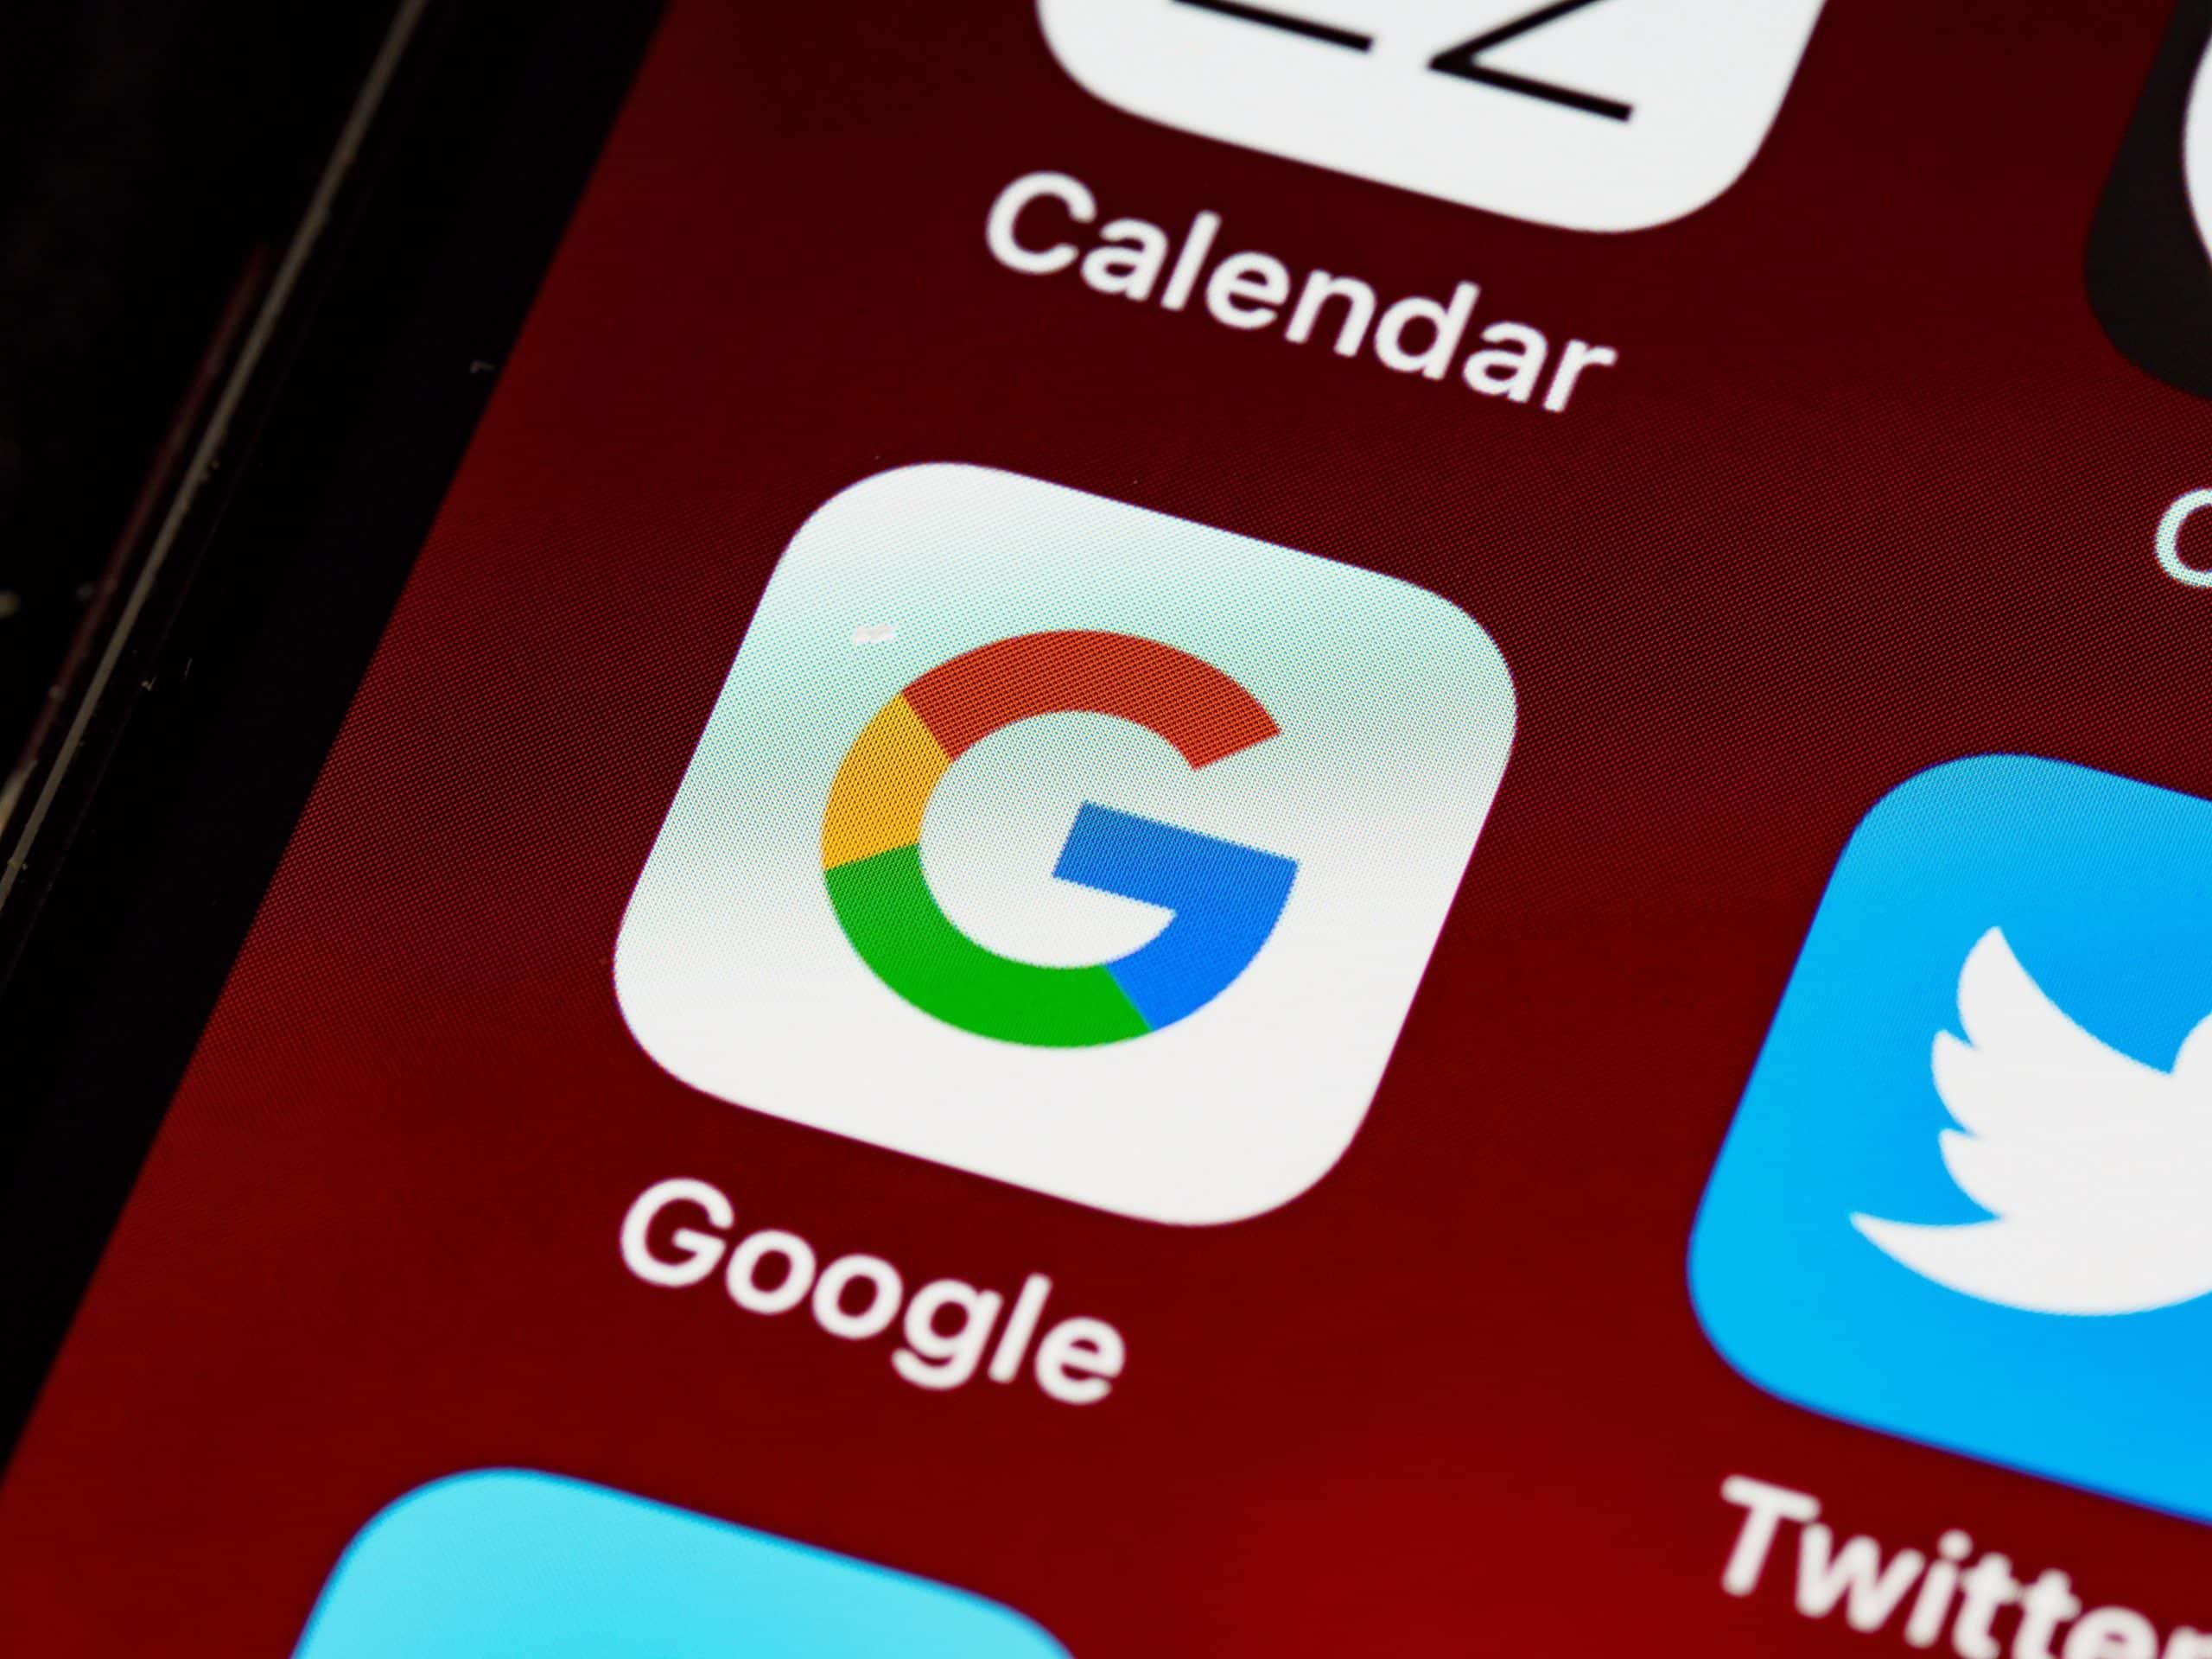 Buscas no Google: truques e técnicas para melhorar sua pesquisa